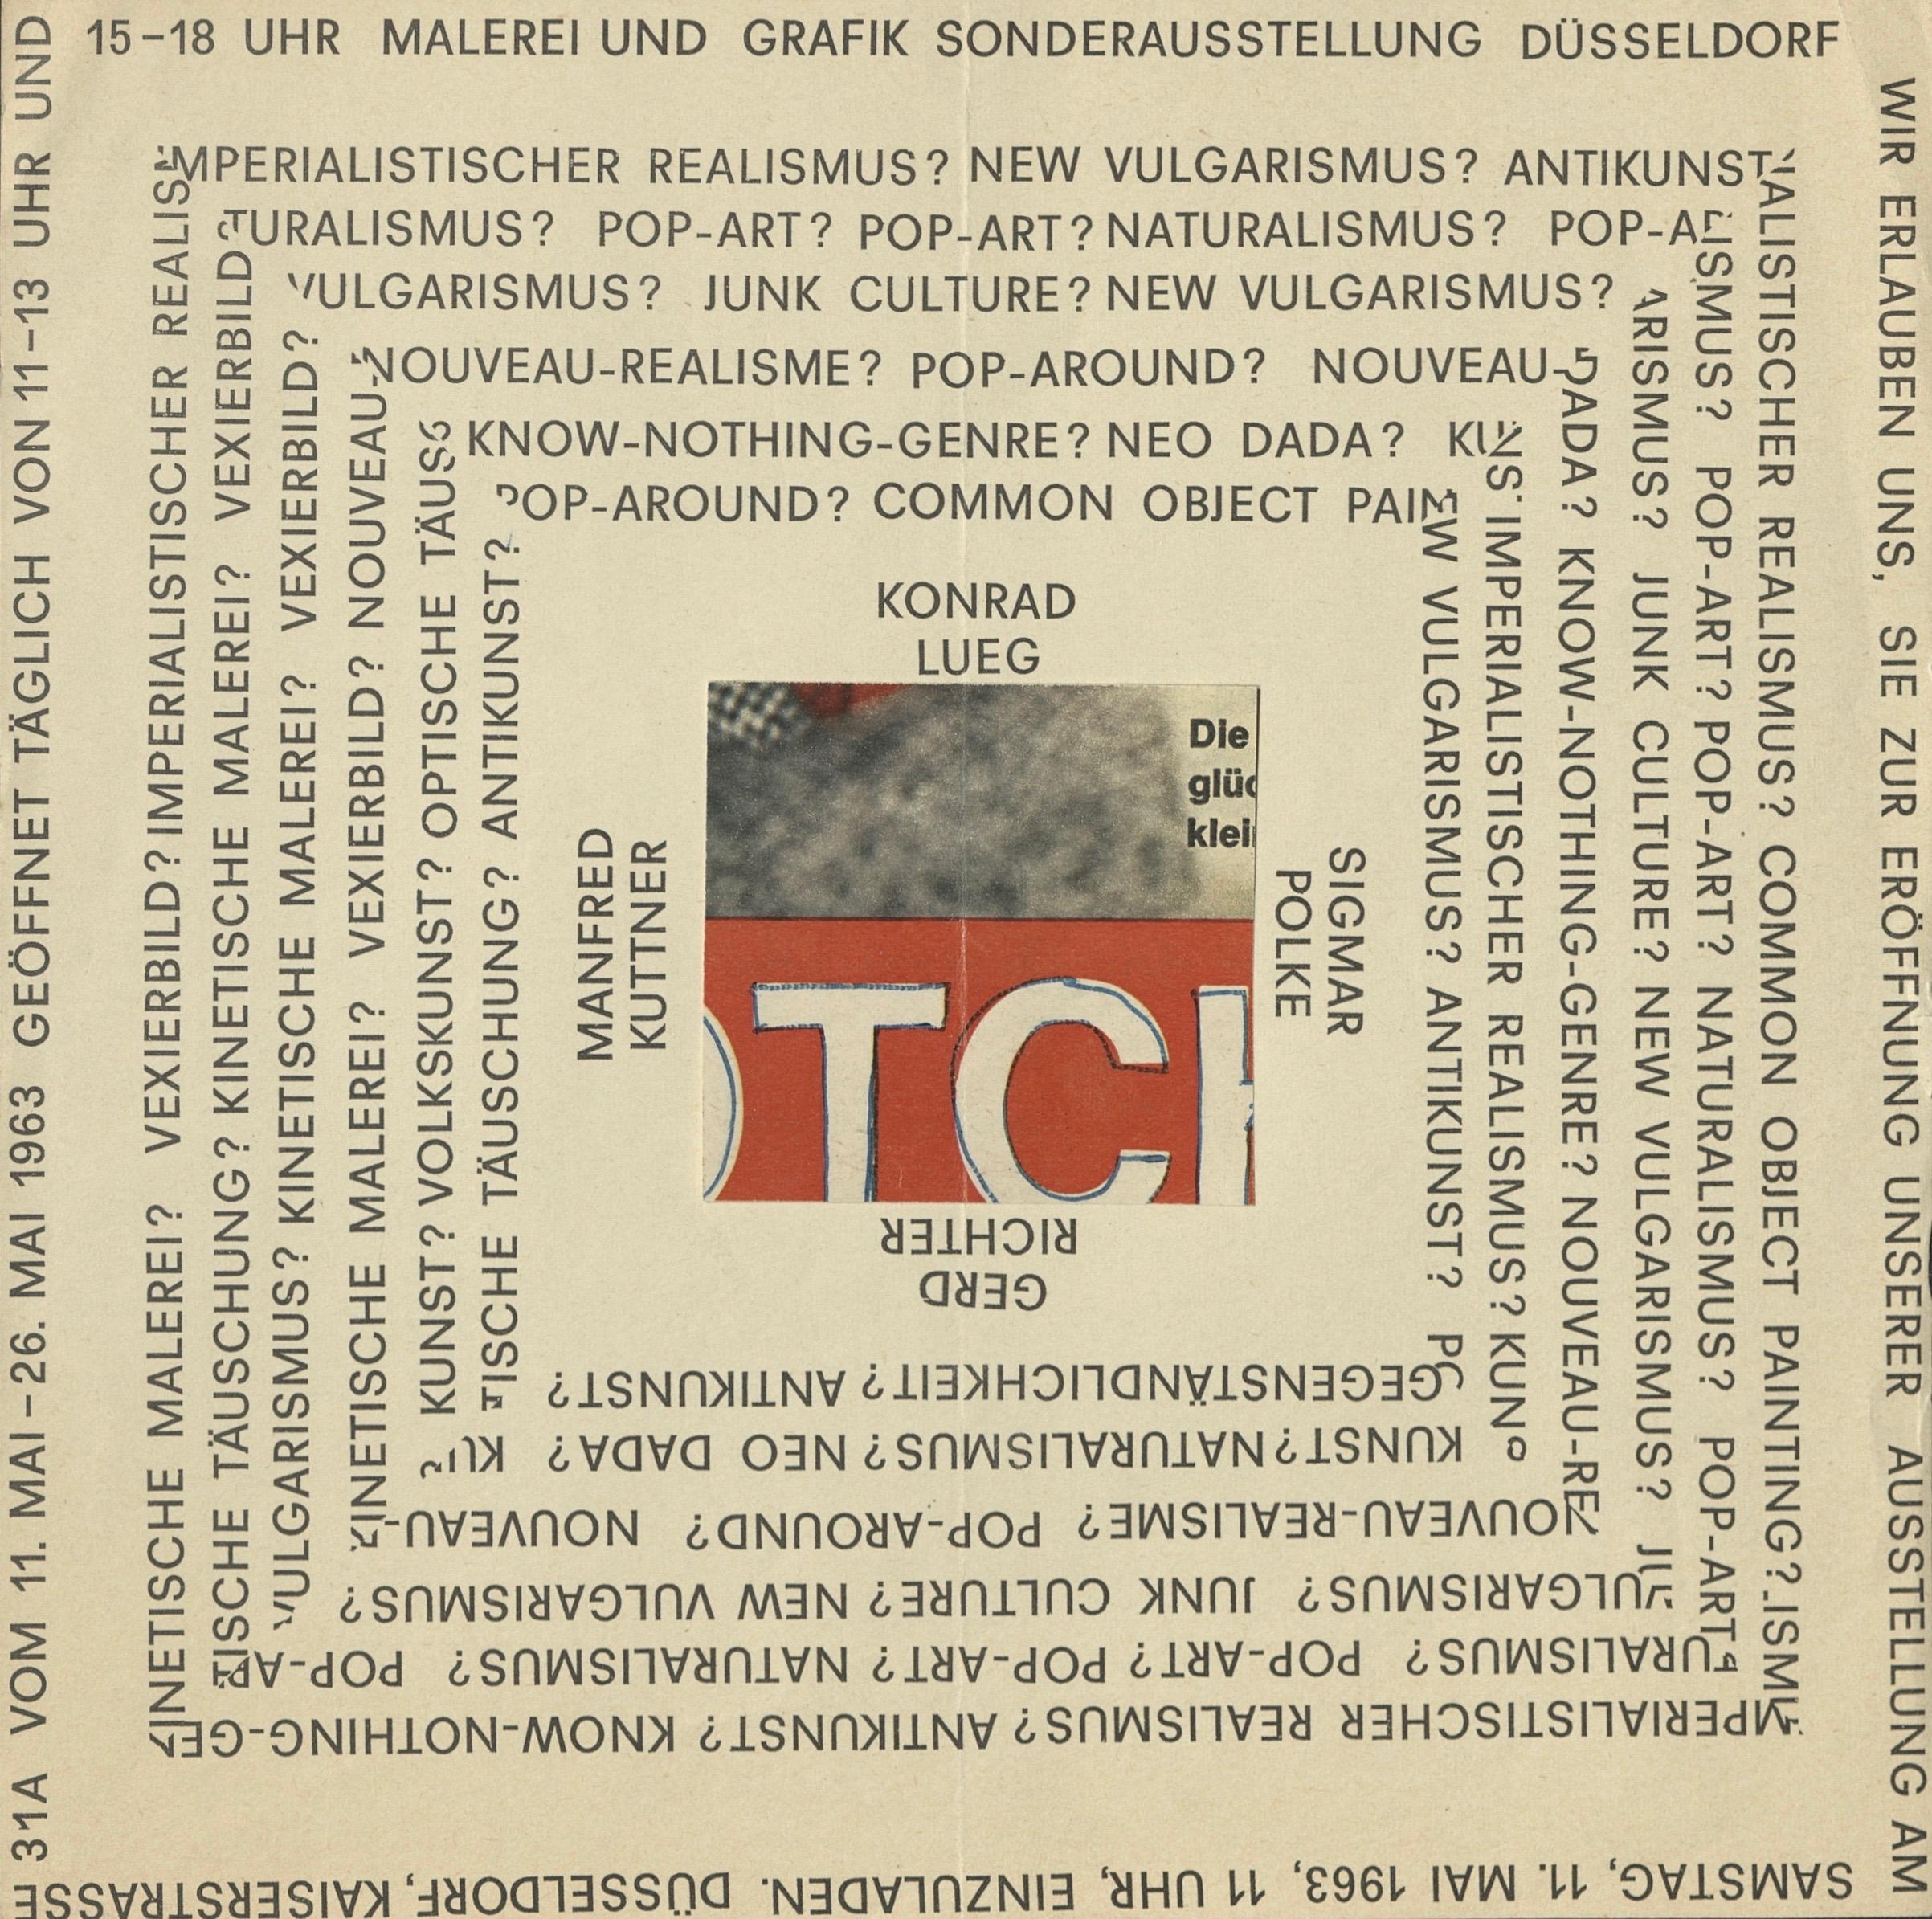 Kuttner, Lueg, Polke, Richter, Ladengalerie, Düsseldorf 1963 (Invitation) Archiv der Avantgarden, Staatliche Kunstsammlungen Dresden